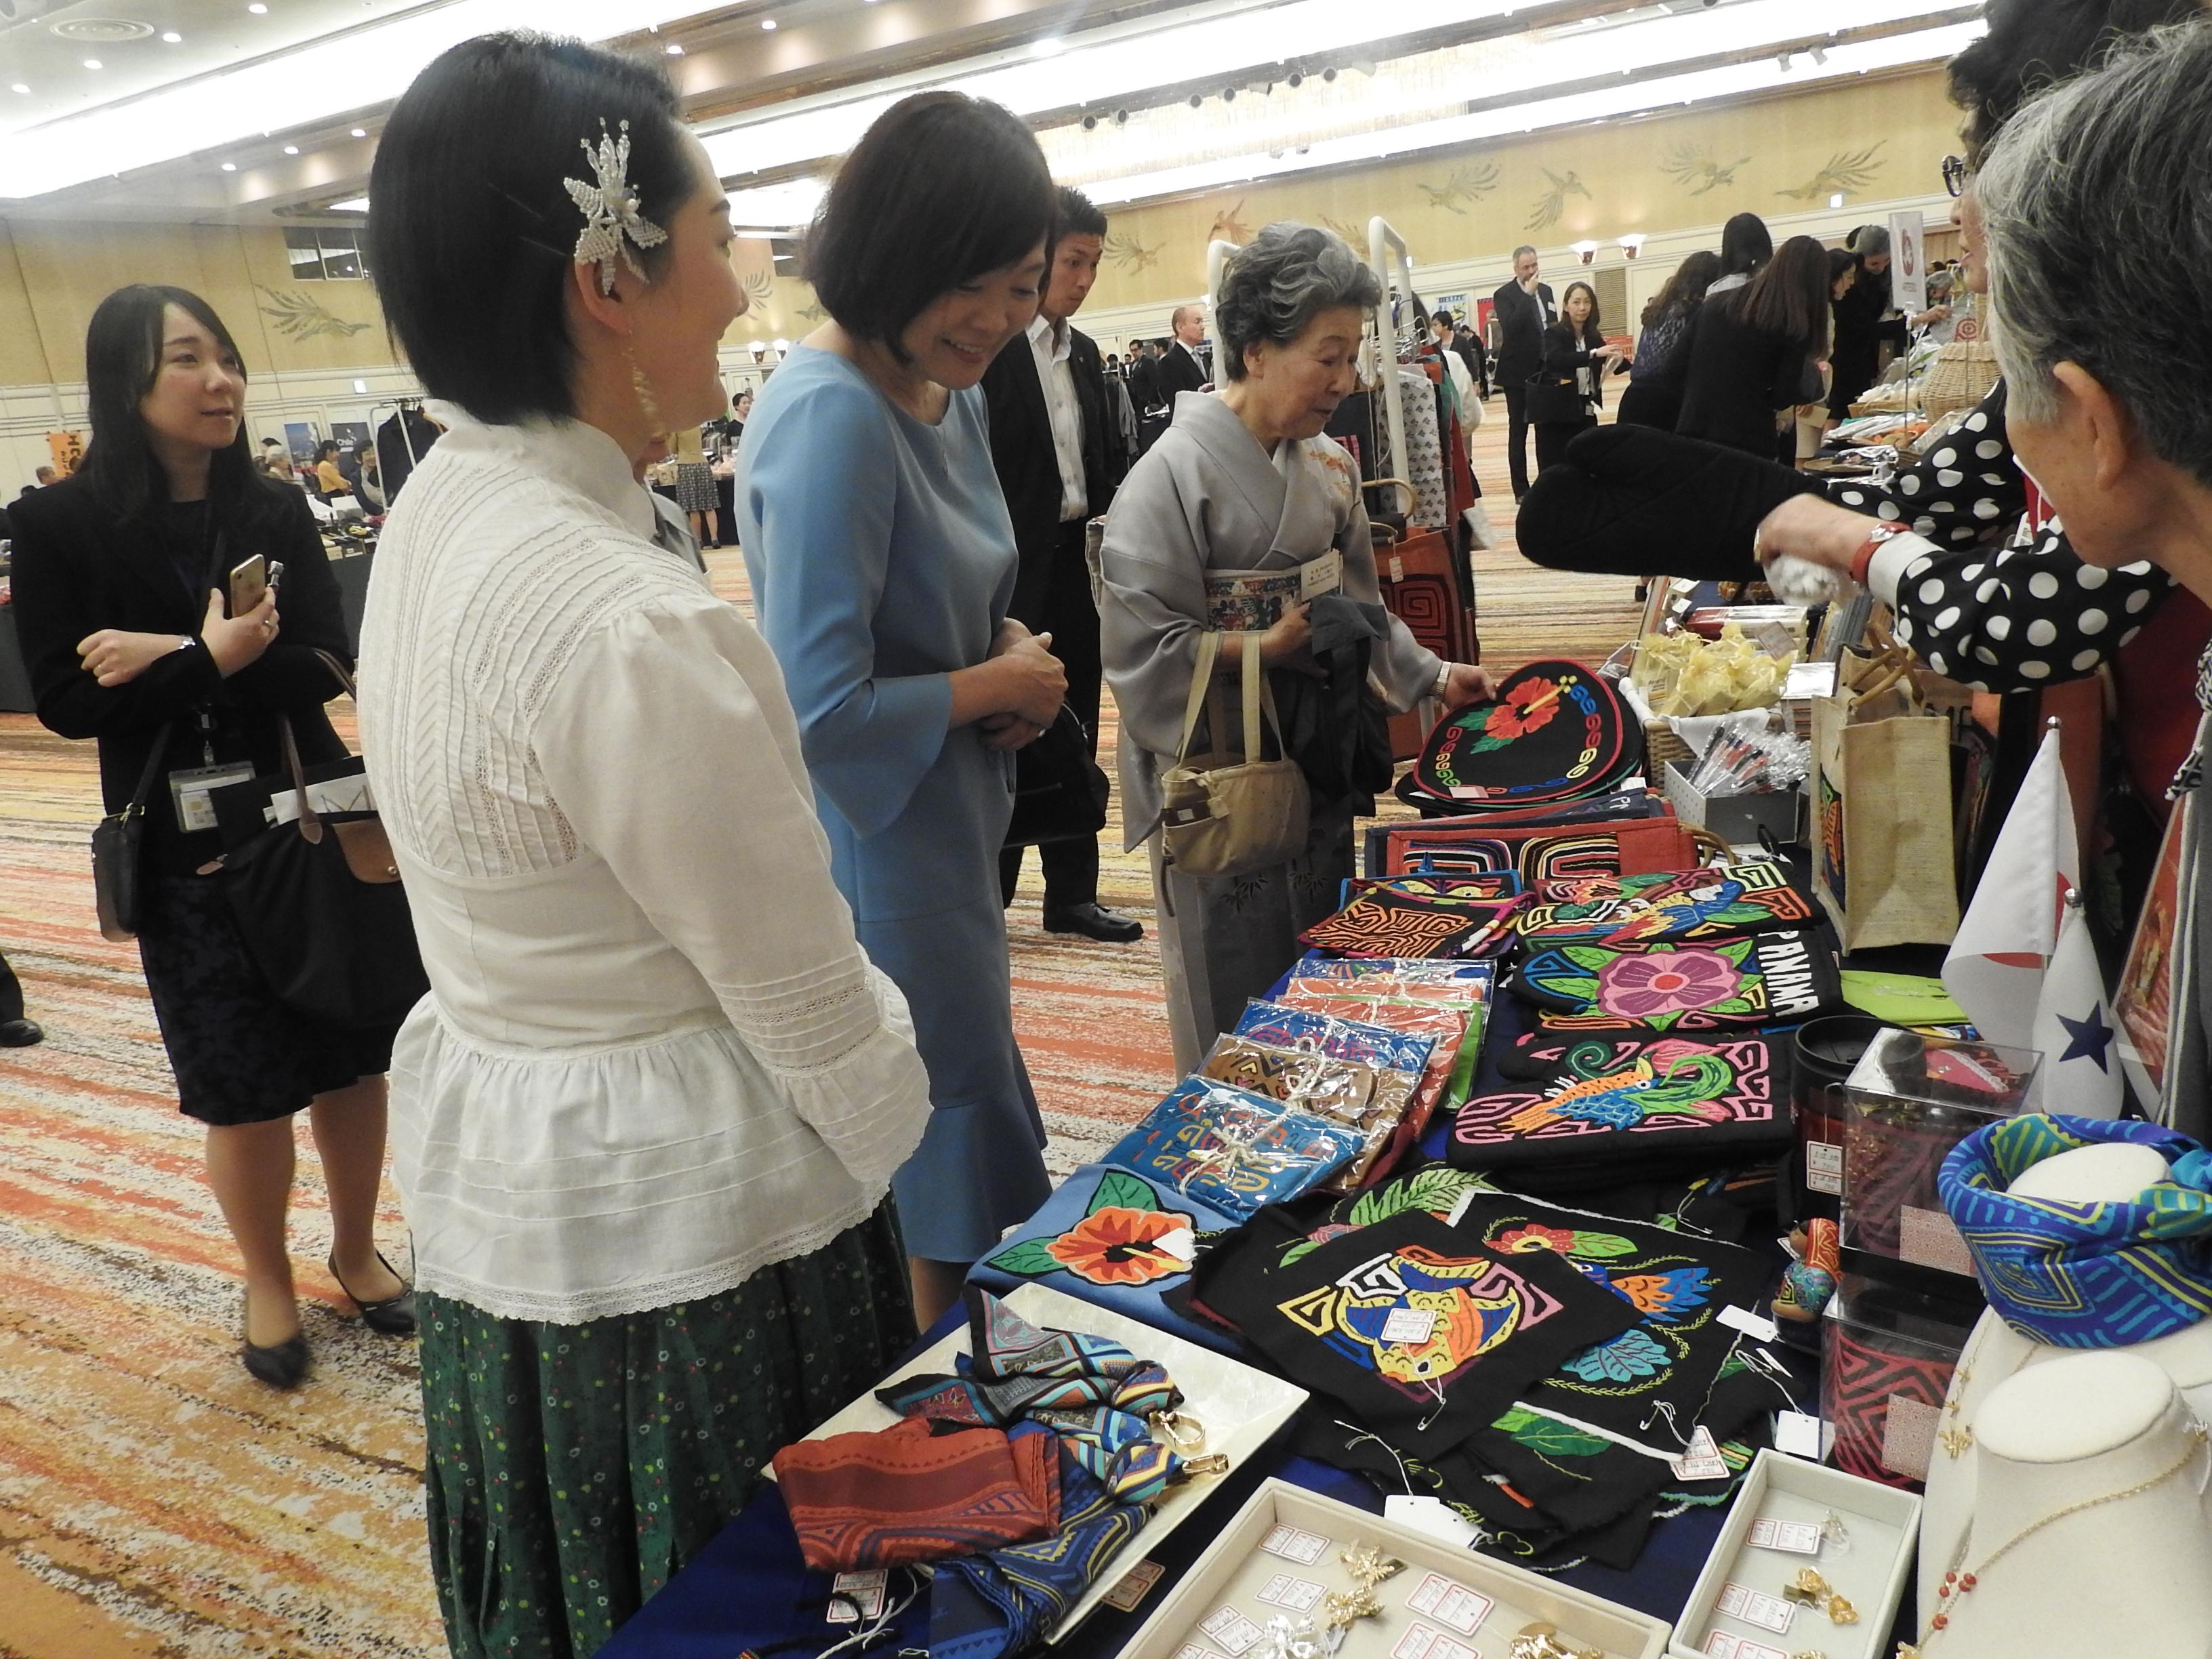 畑田ディアス紋奈大使夫人が安倍昭恵内閣総理大臣夫人をお迎えする様子